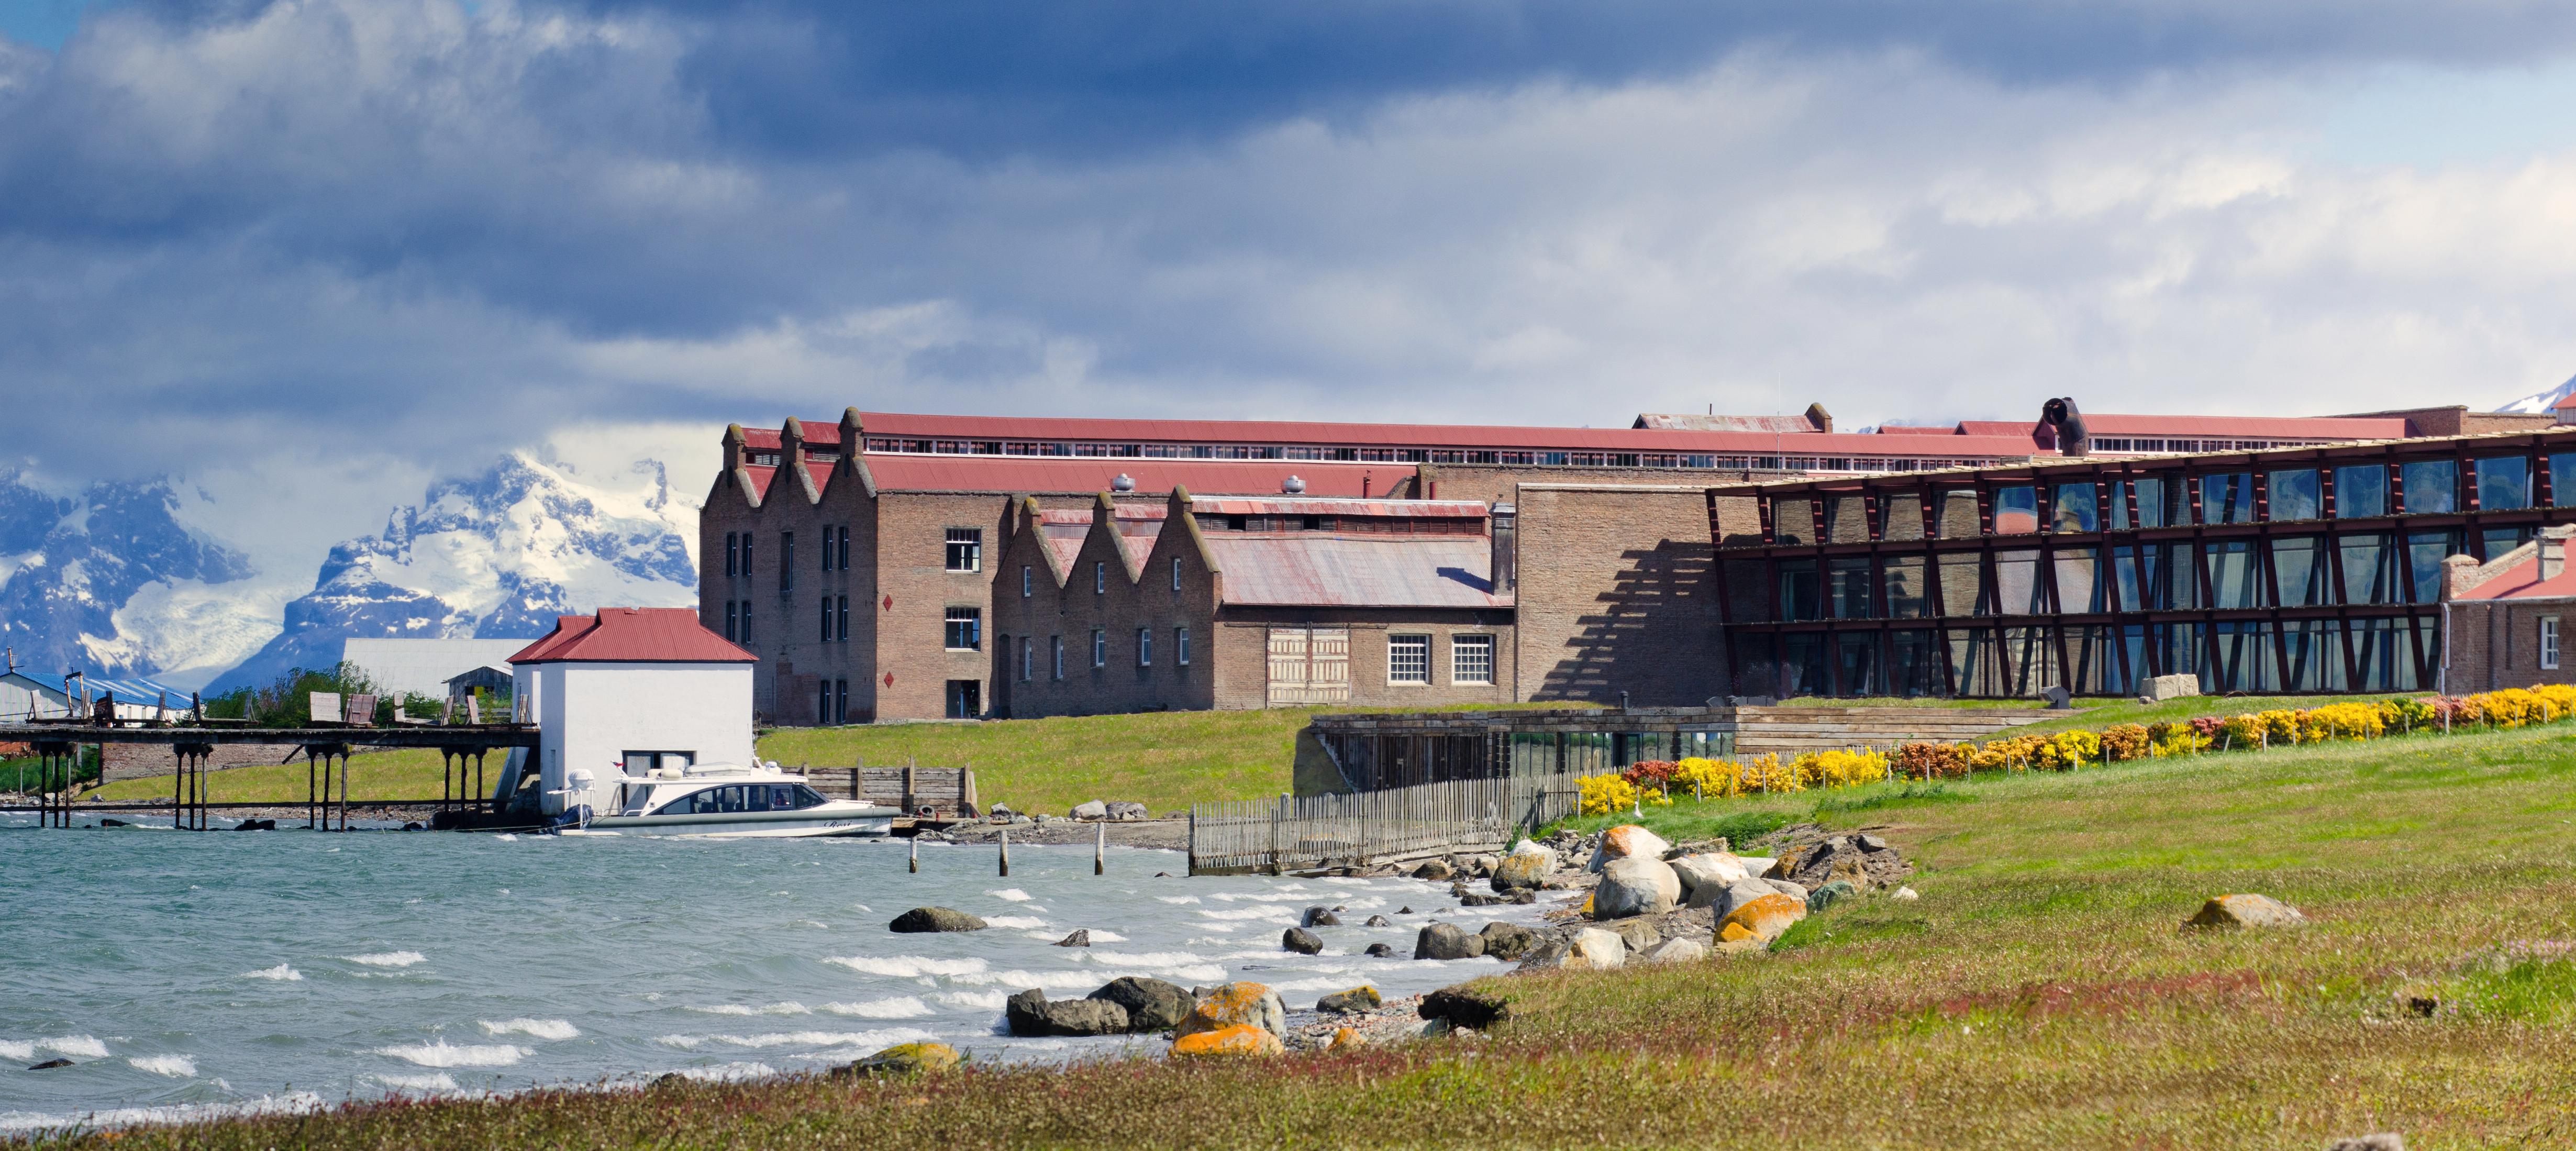 The-Singular-Patagonia-Hotel